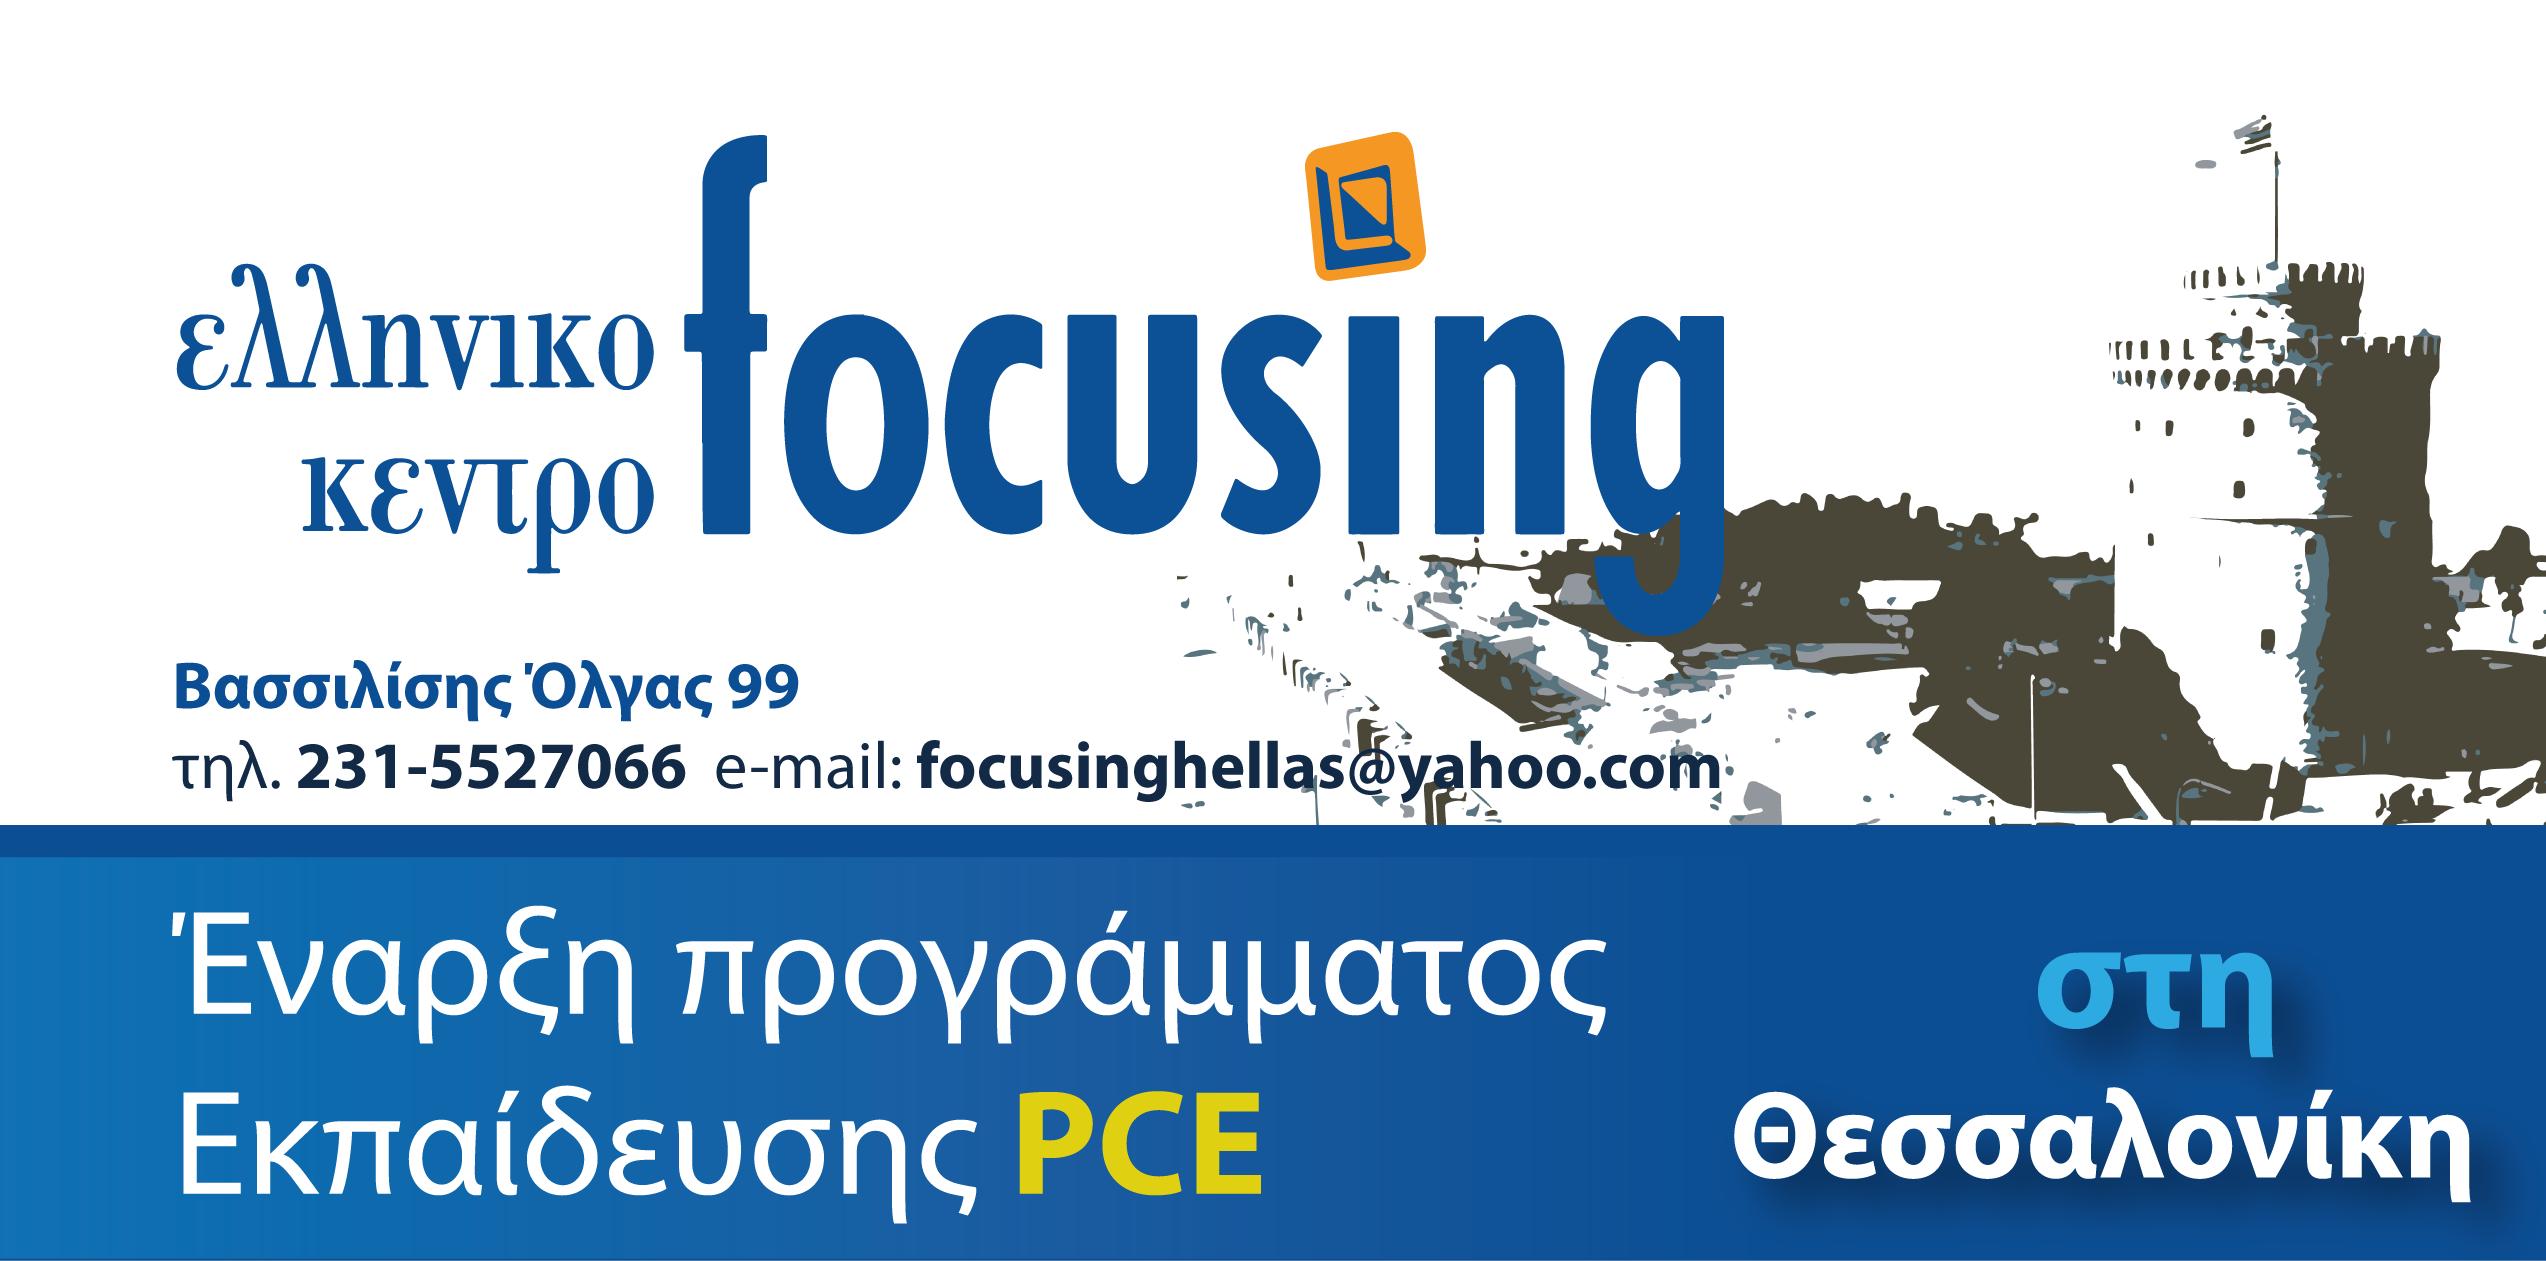 Θεσσαλονίκη – Εκπαιδευτικό Πρόγραμμα 2017-2018